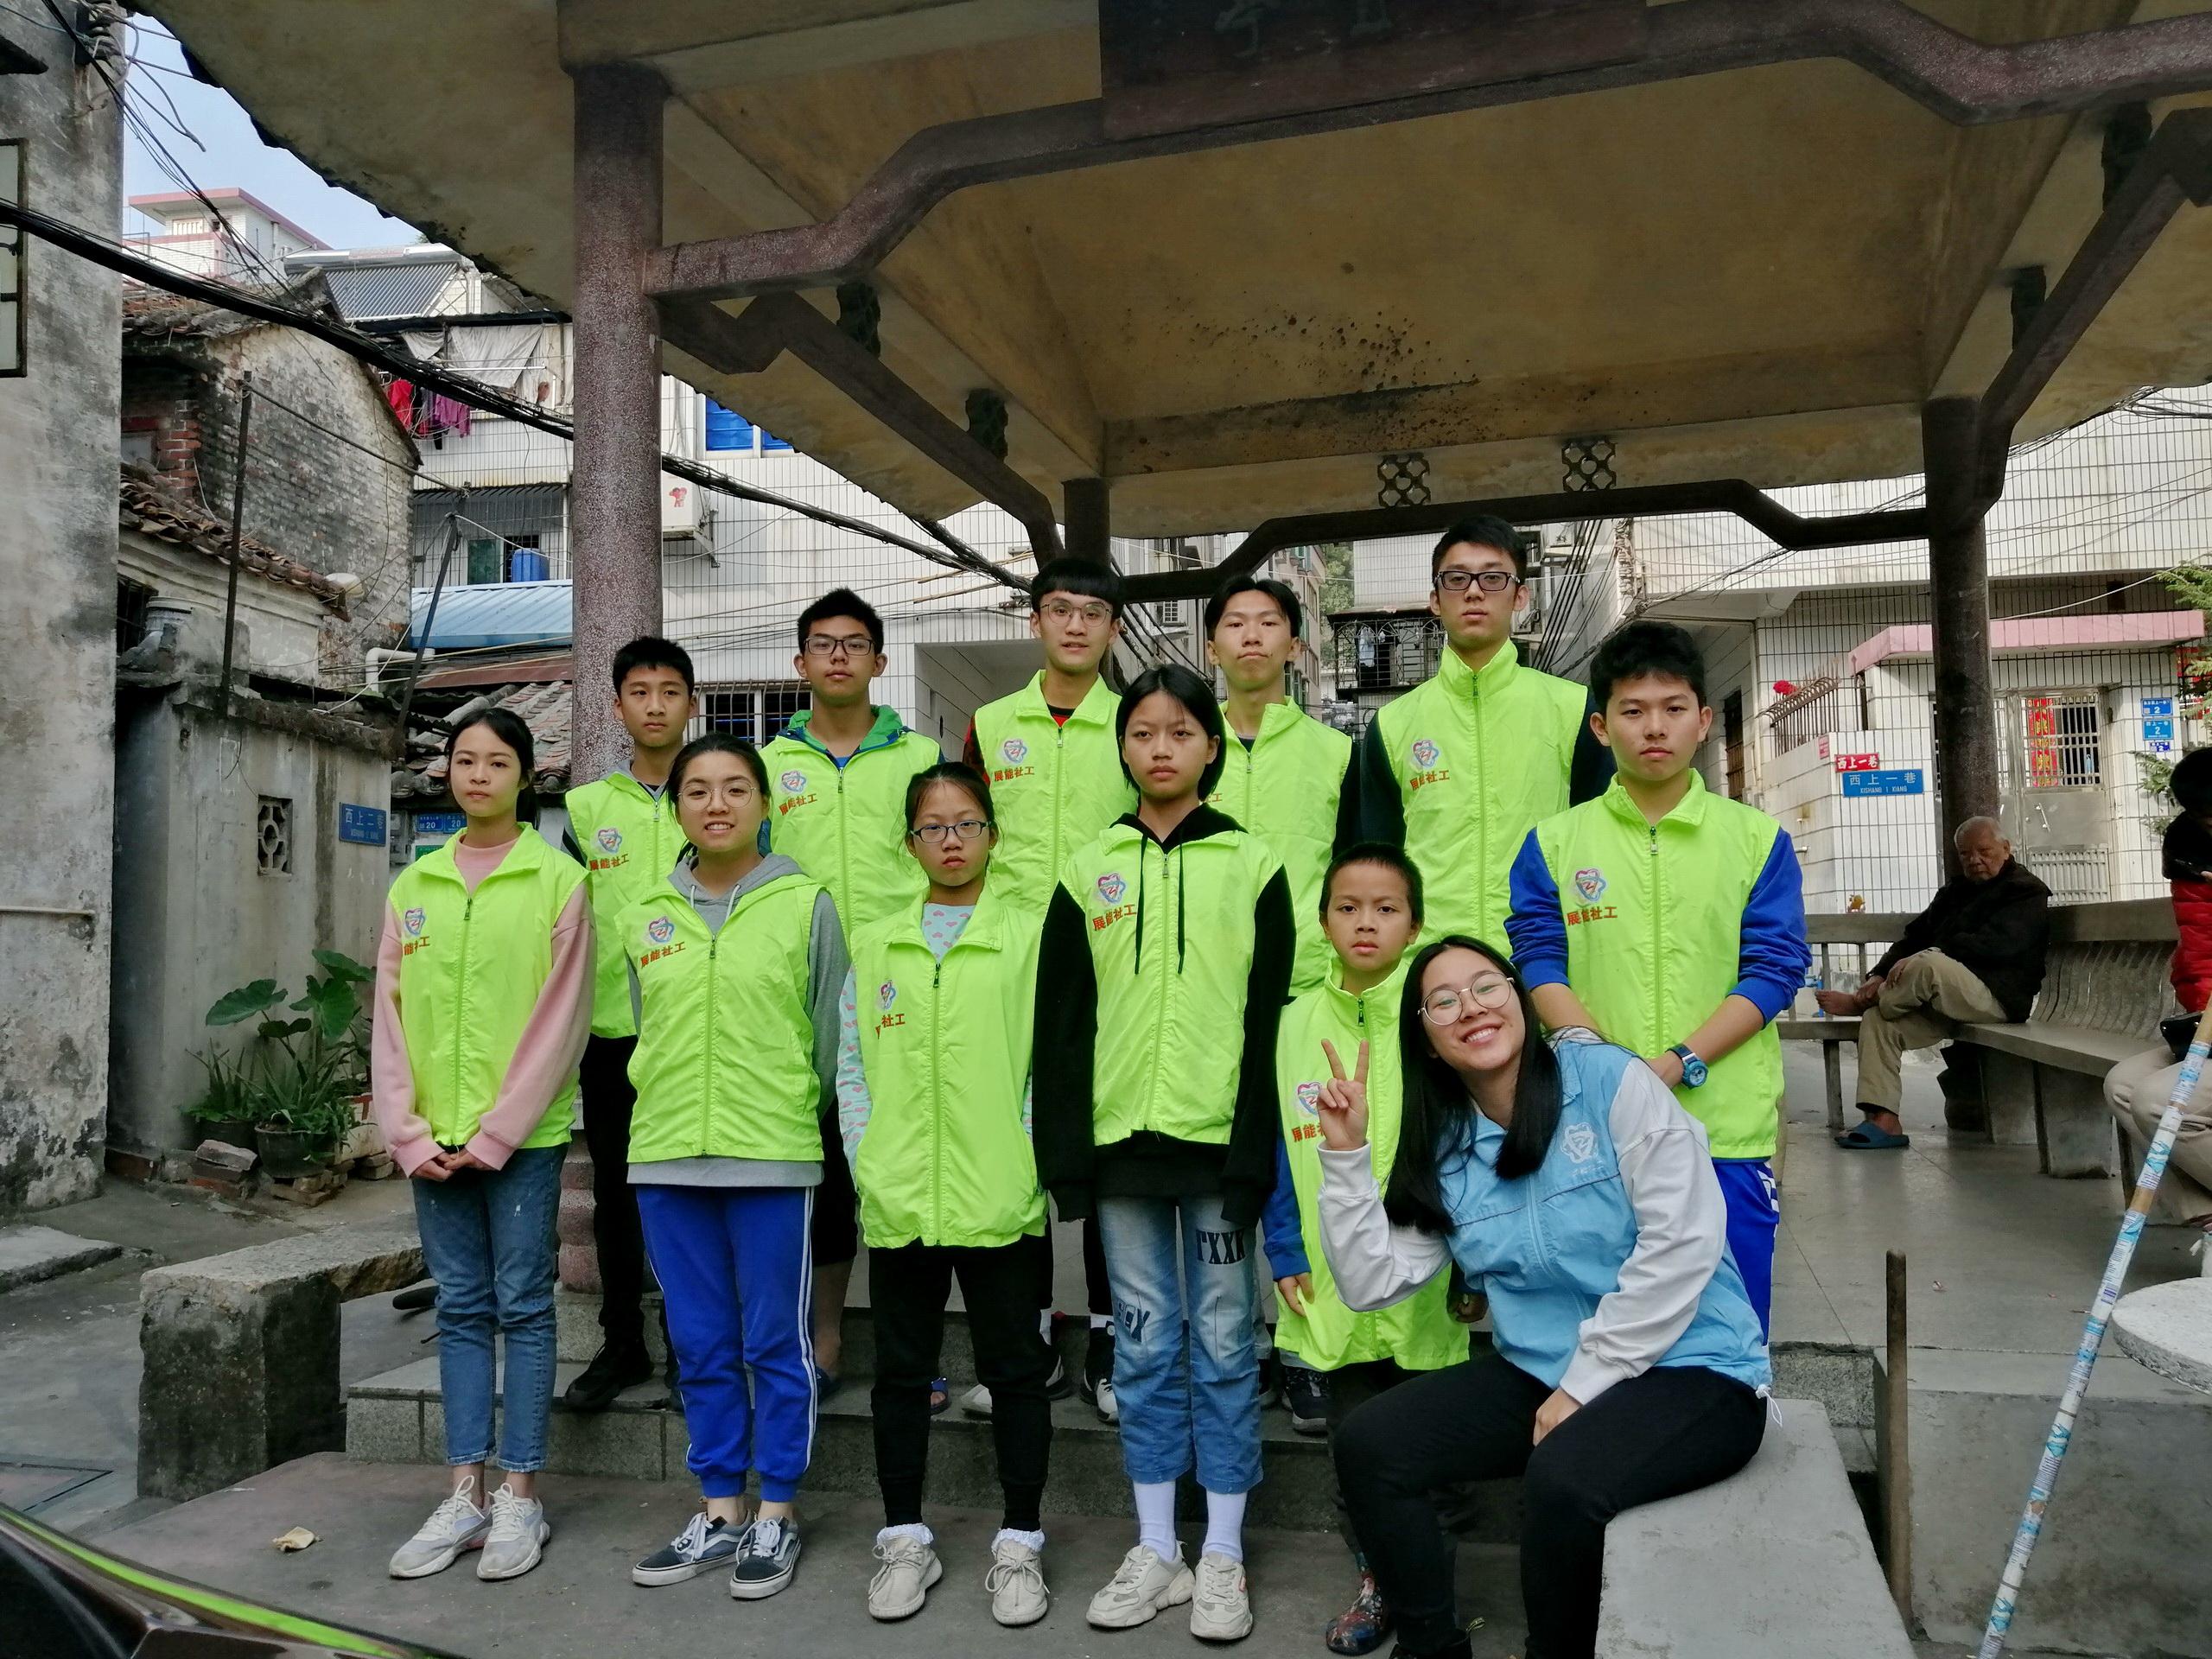 雏鹰小帮手的东方社区春节洁净助力行动